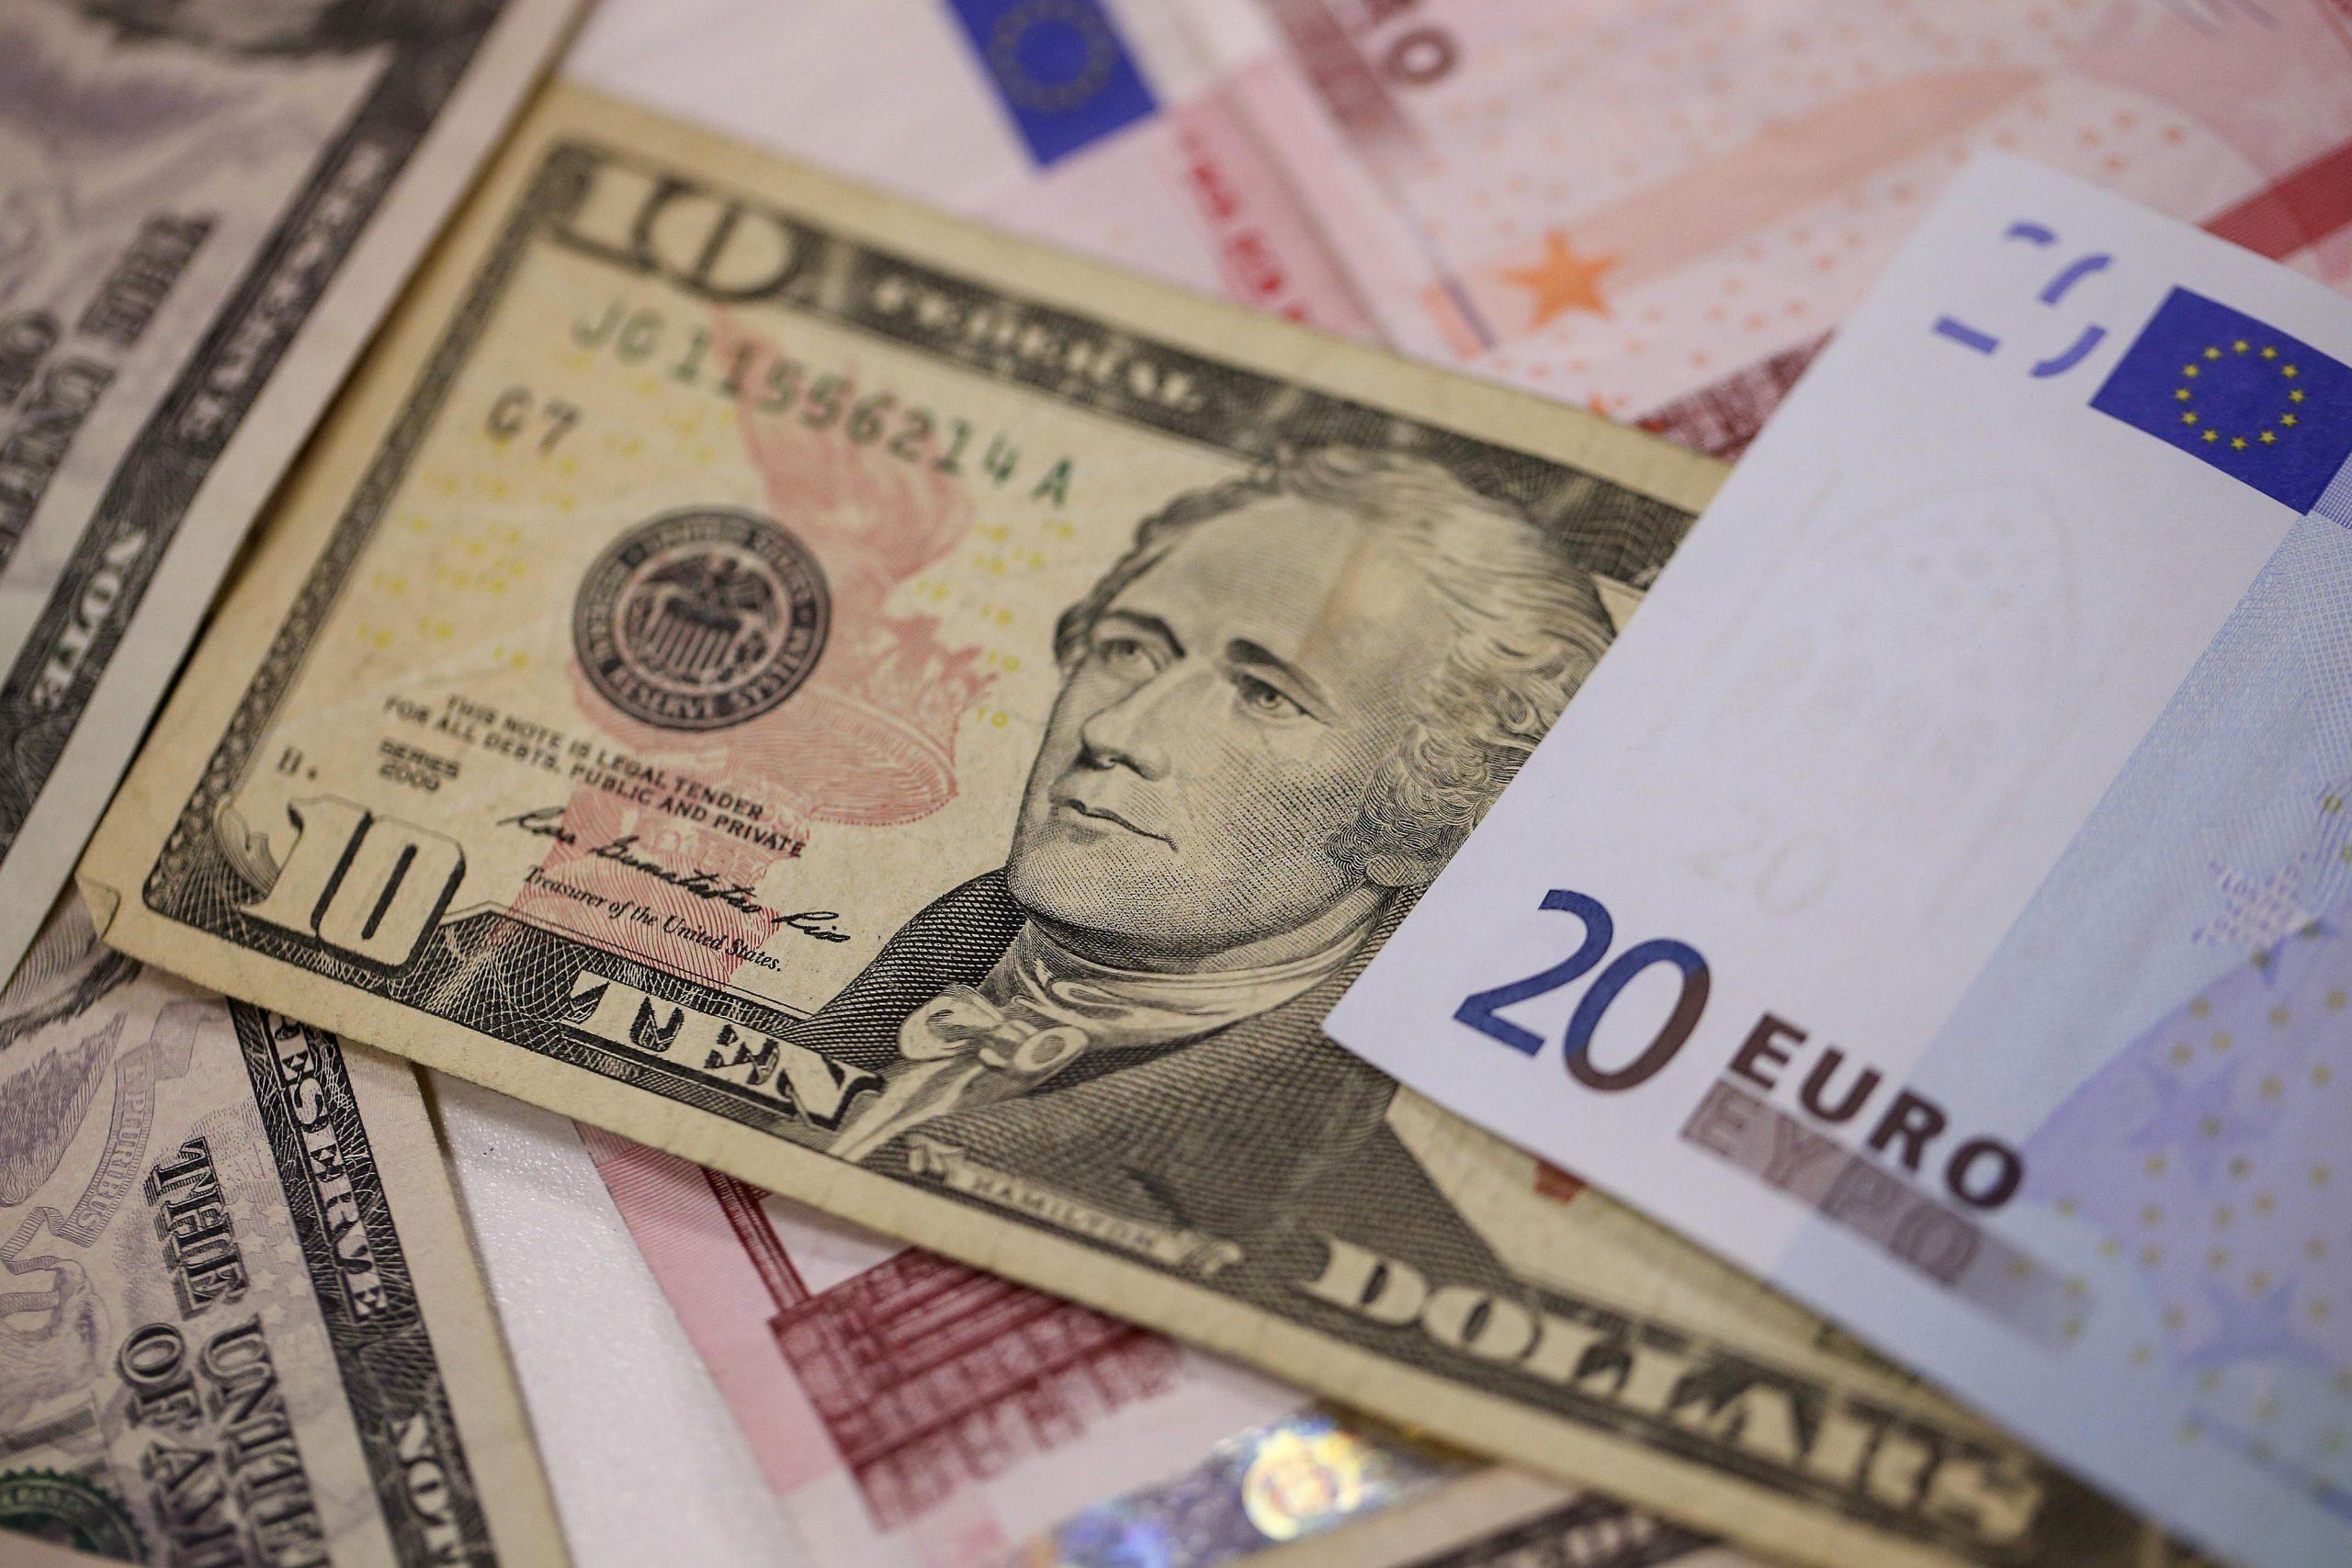 Thị trường forex hôm nay (7/7): EUR lui về đáy trong 3 tháng sau dữ liệu của Đức yếu kém